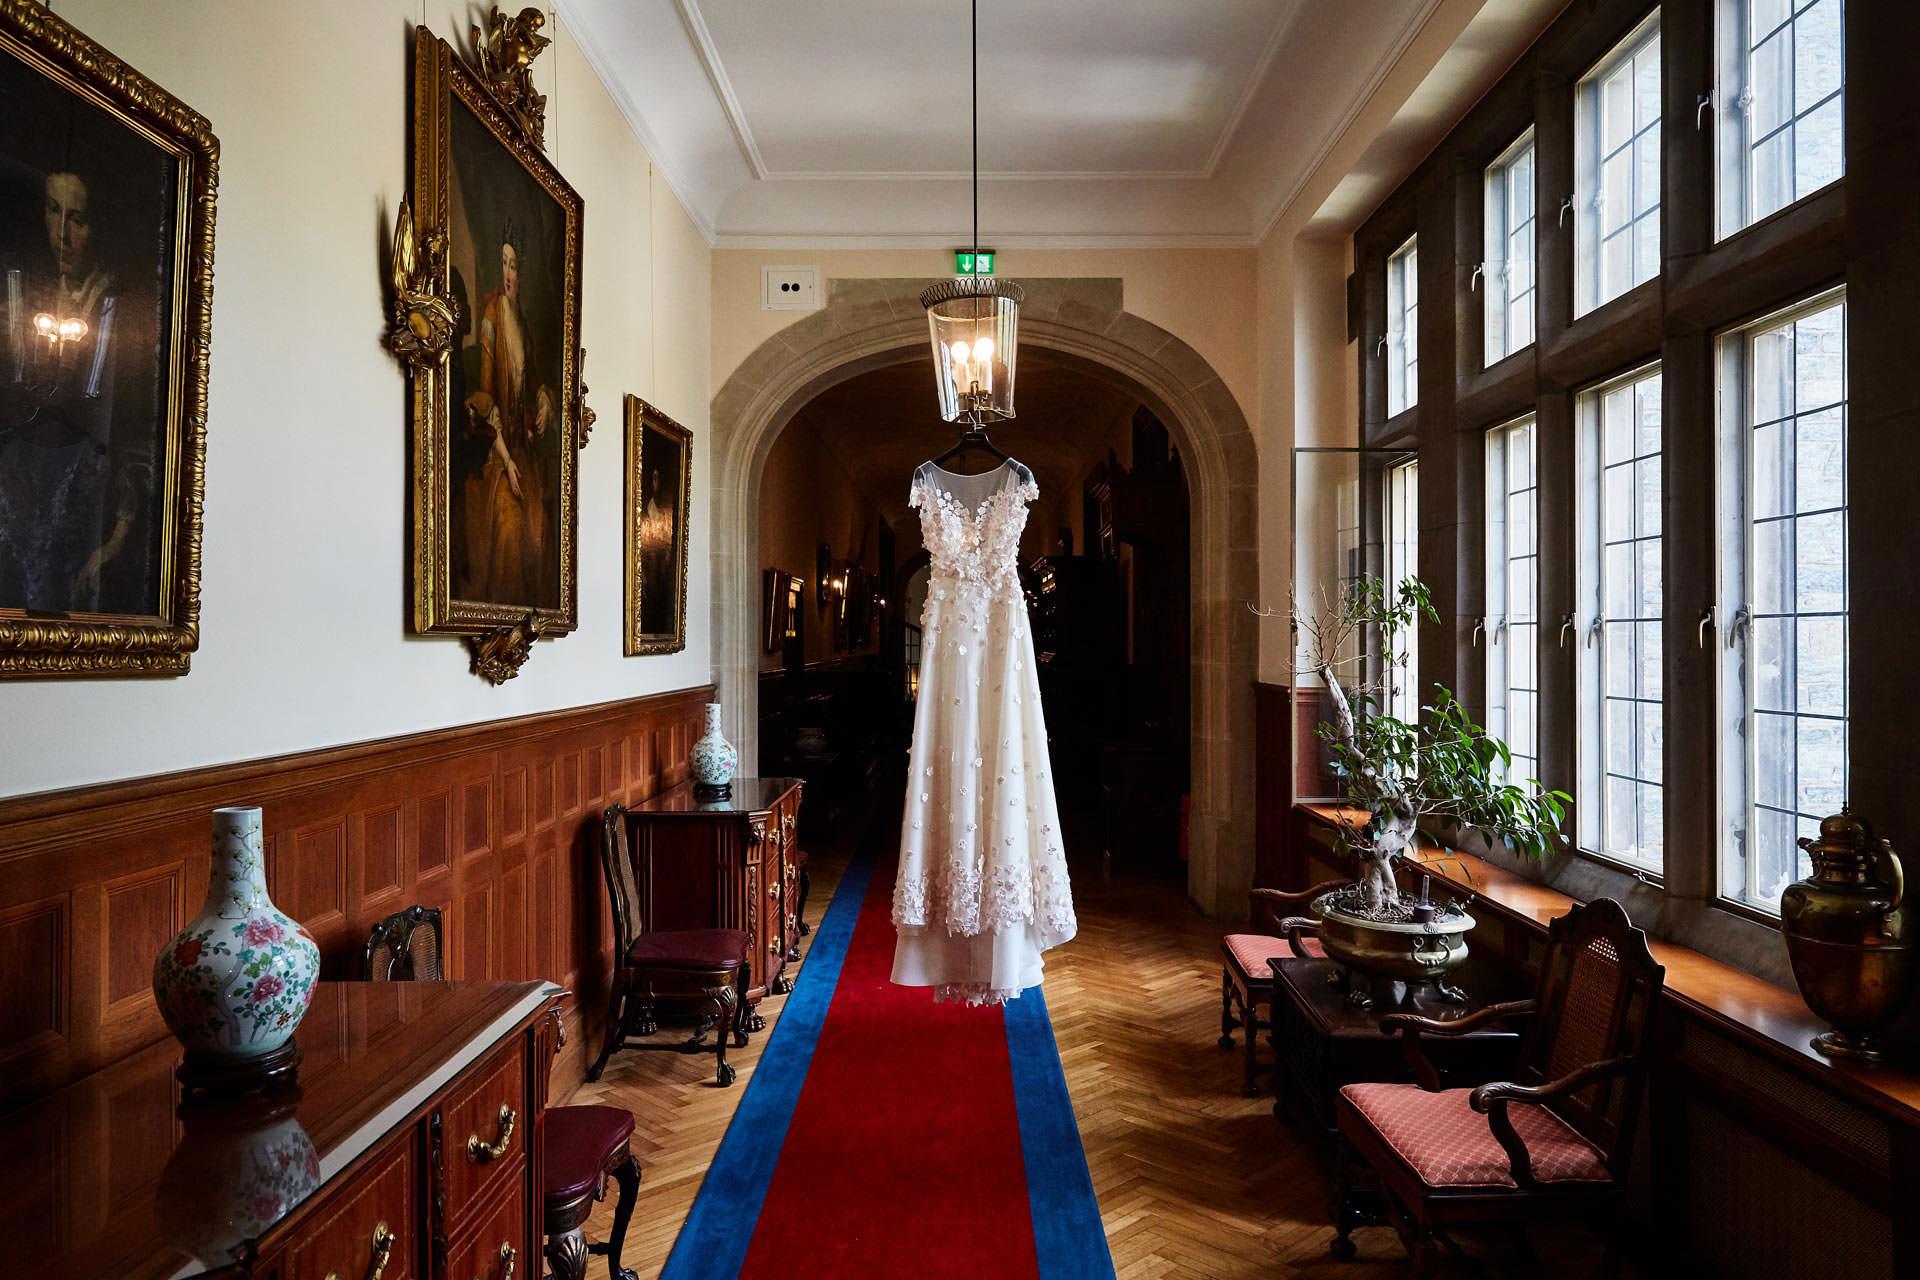 NS_002__Schlosshotel_Kronberg_#SchlosshotelKronberg_